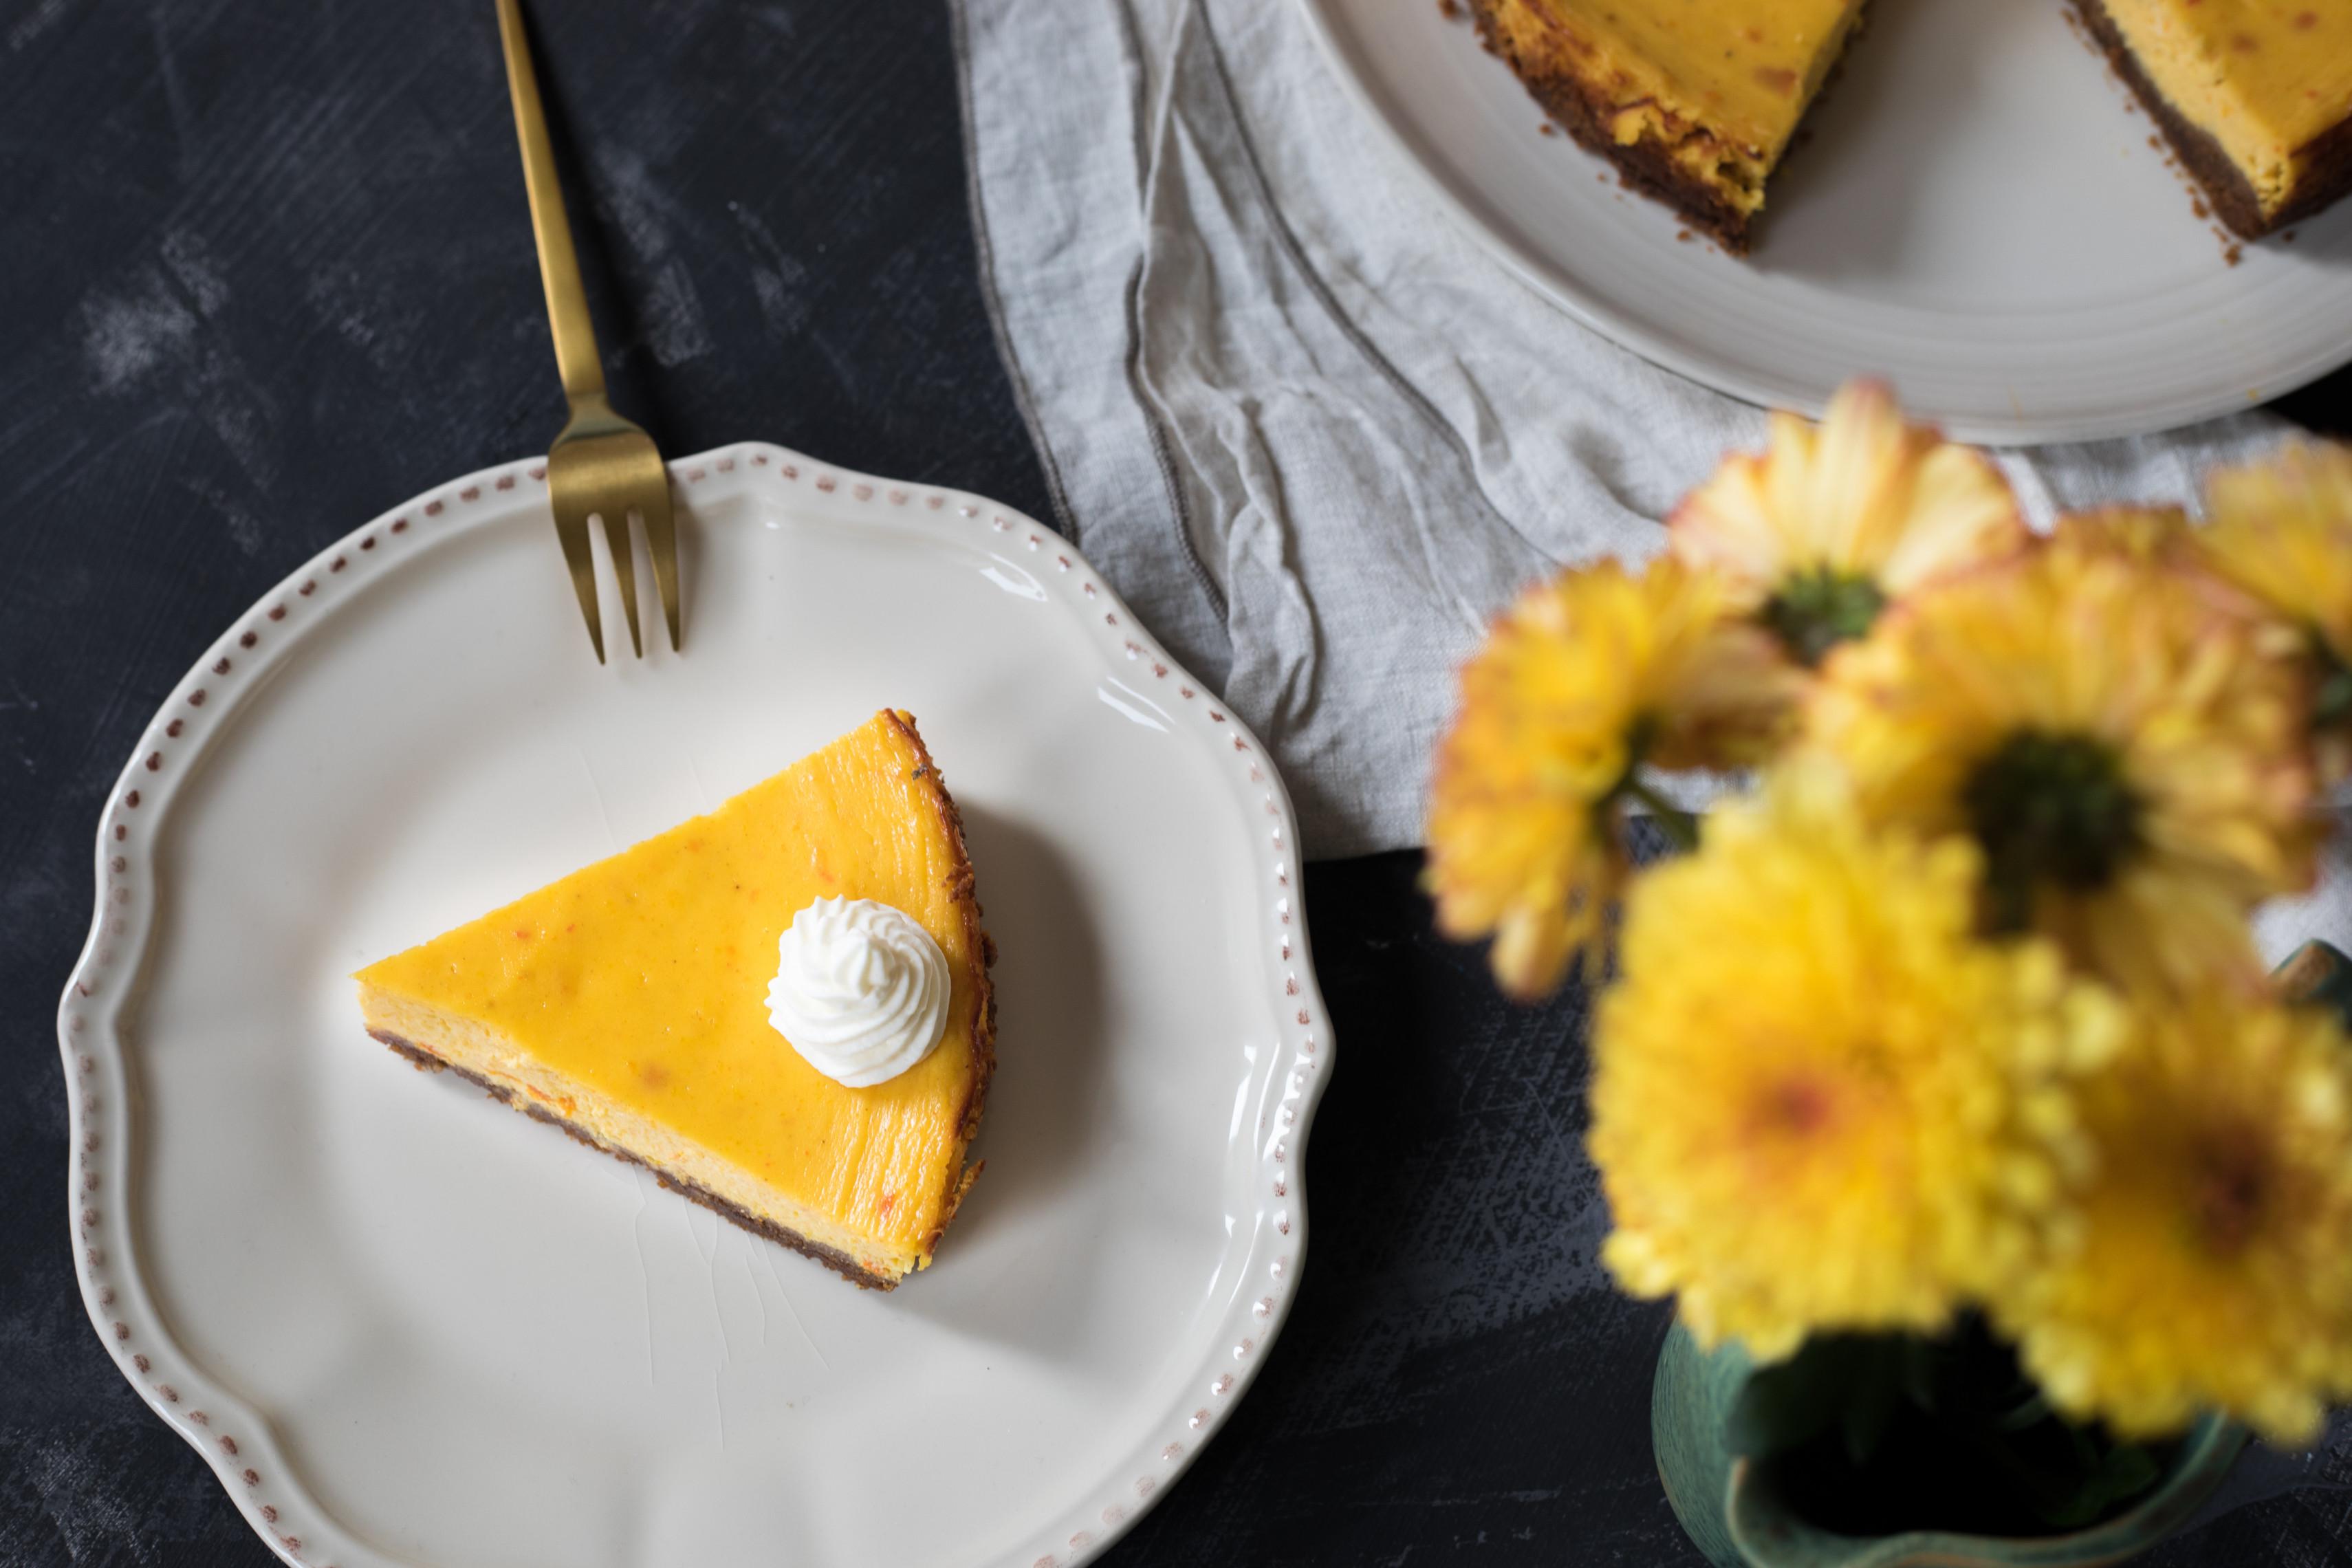 kuerbis-cheesecake-4